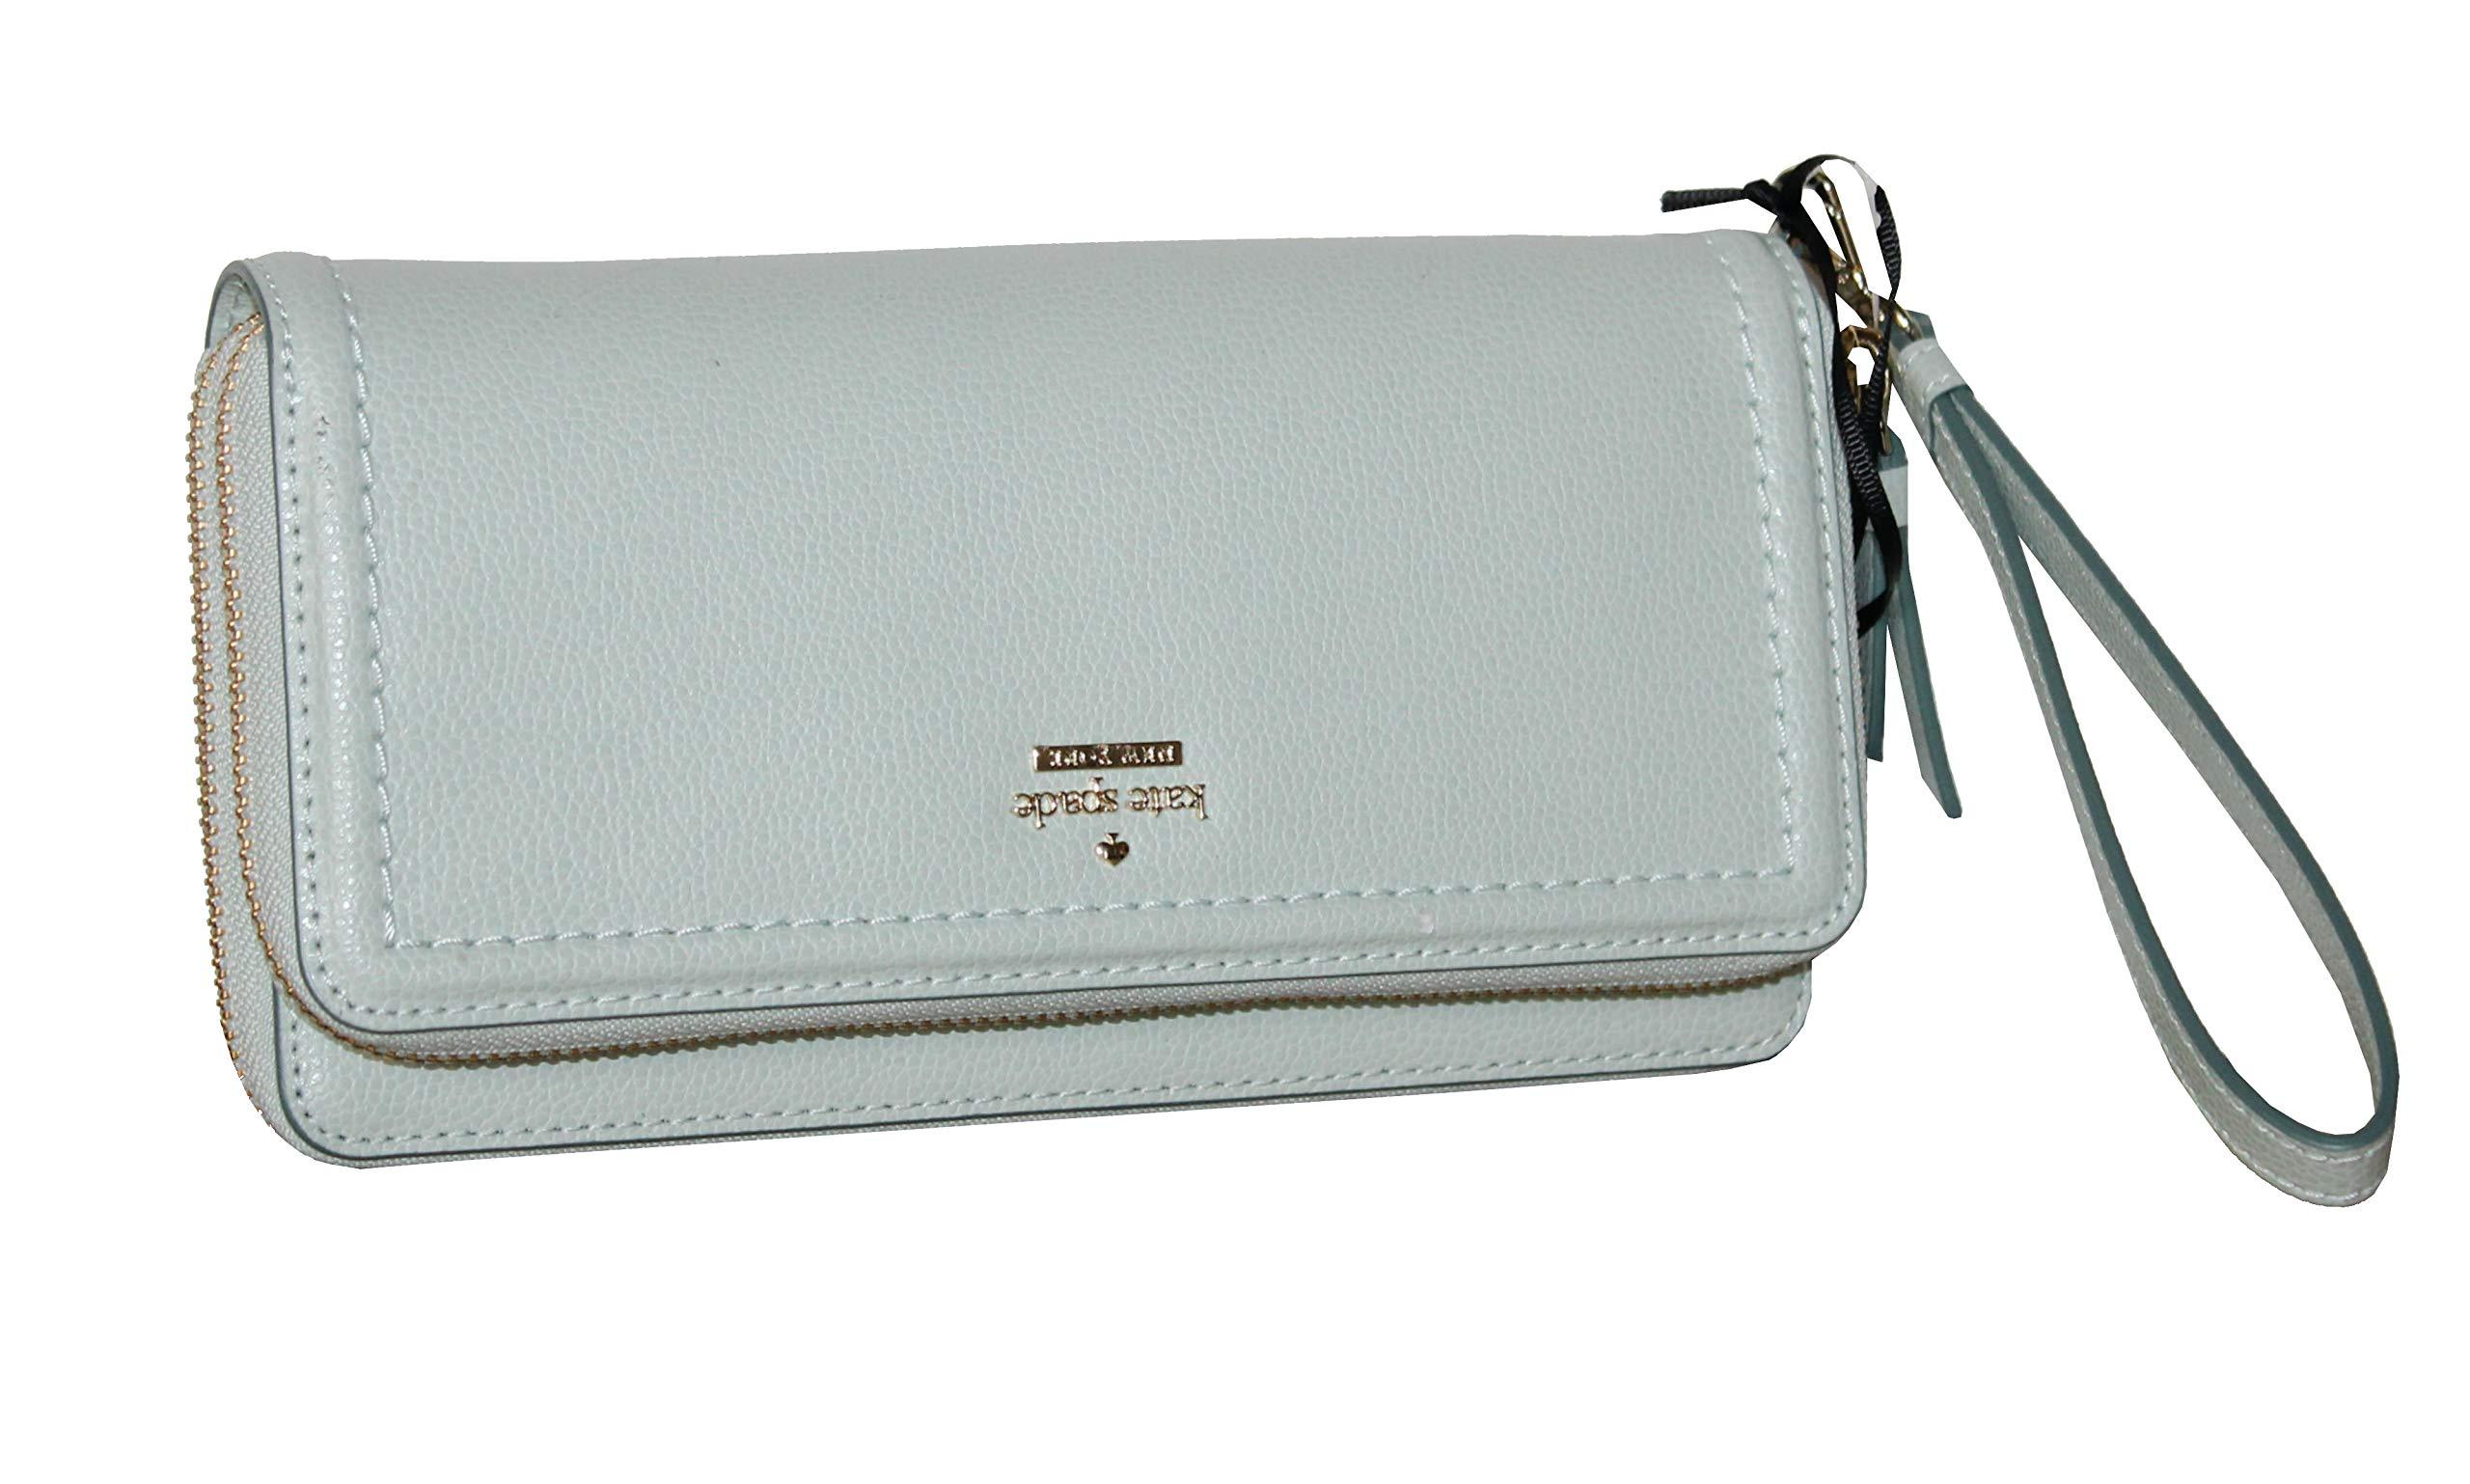 Kate Spade Patterson Drive Anita Leather Wristlet Wallet